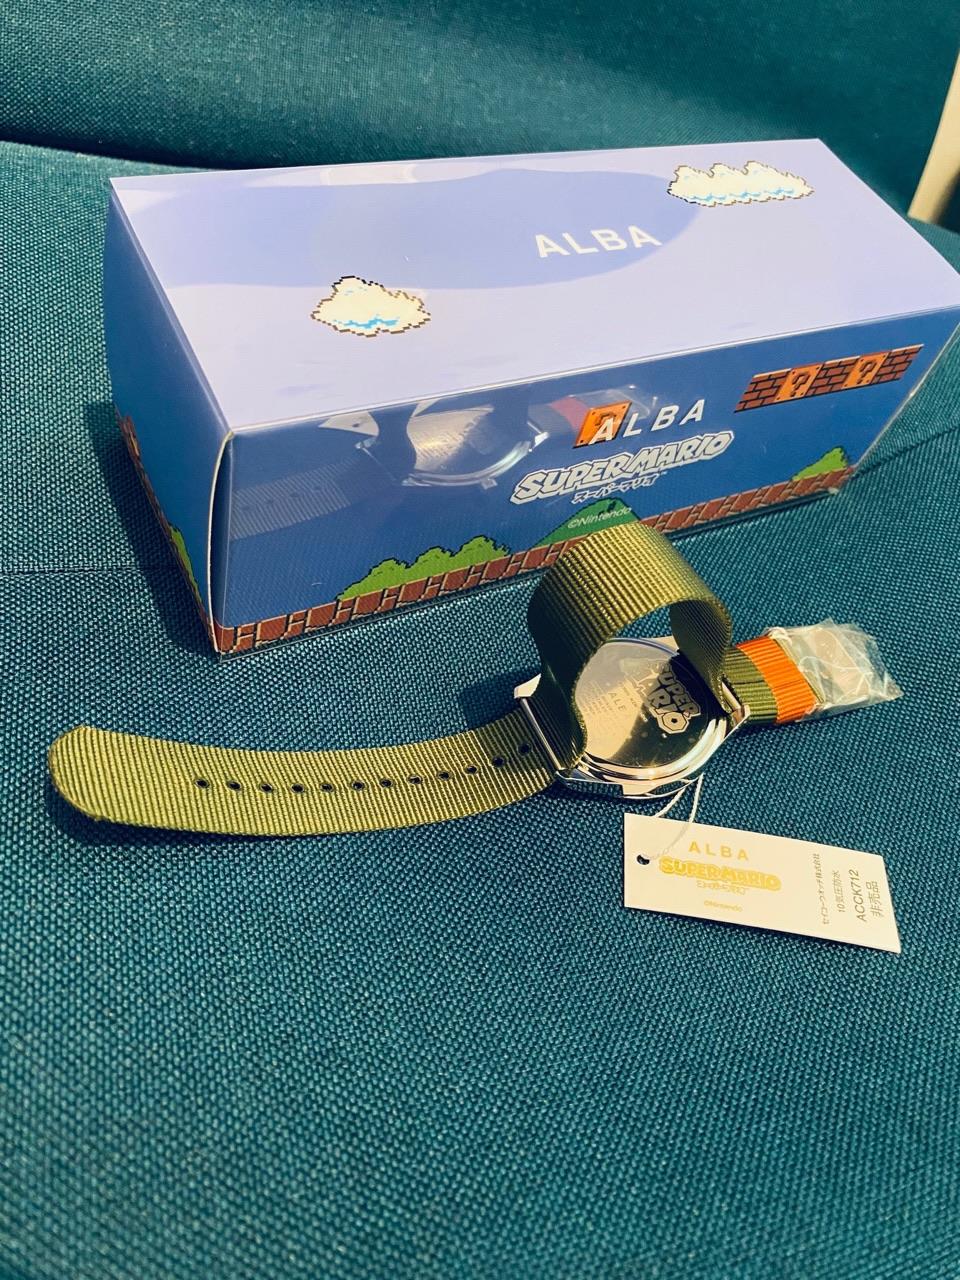 ALBA スーパーマリオウォッチコレクション アクティブマリオ キャンペーン限定カラーモデル ACCK712 非売品 10気圧防水 時計の裏側 https://t.co/syDJpuhYhP